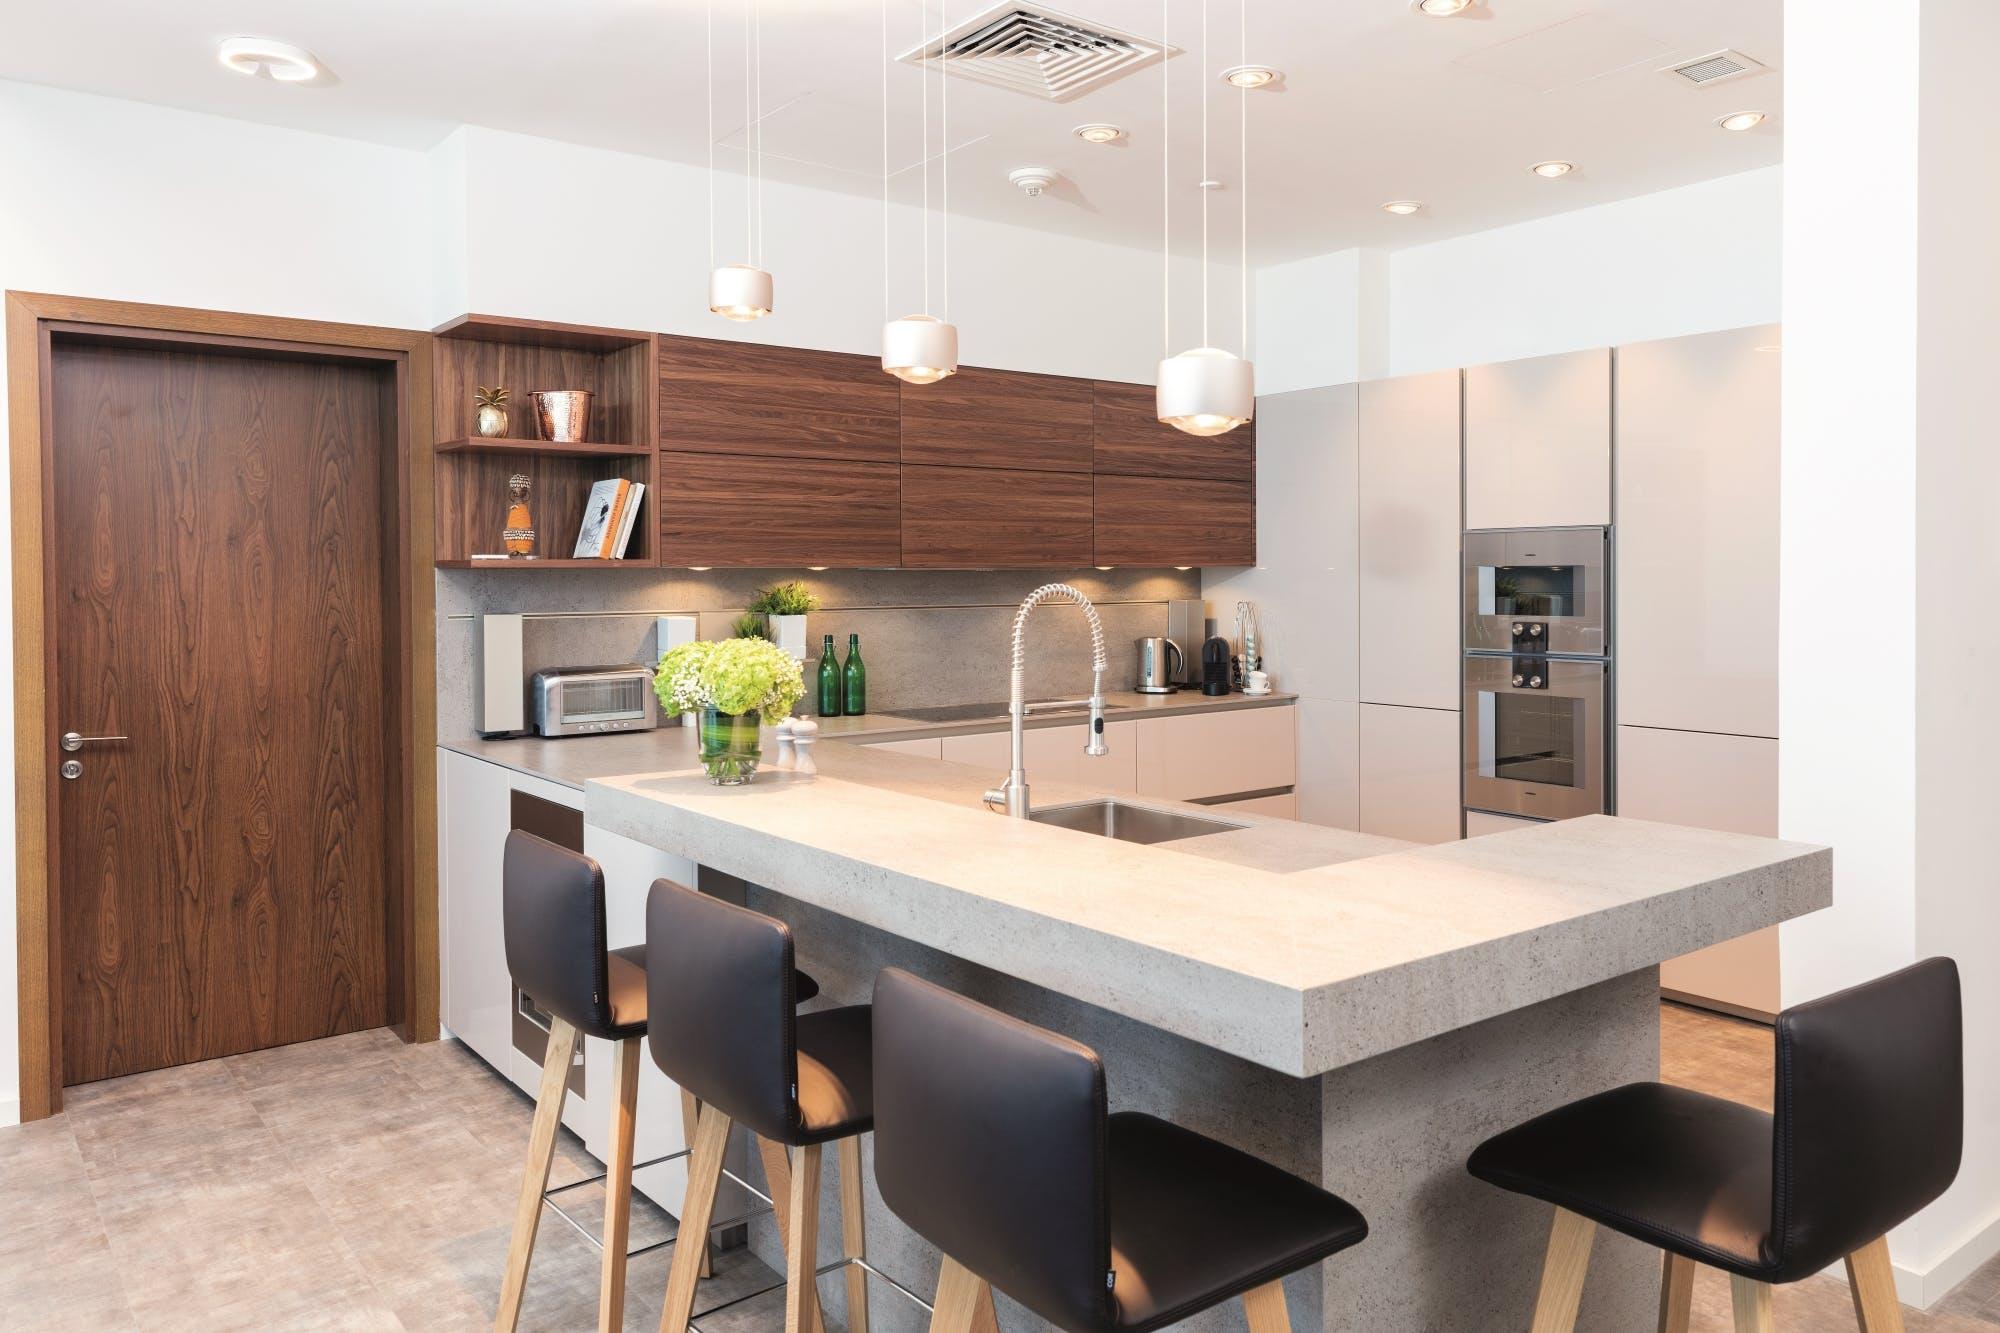 futuristic kitchen interior design